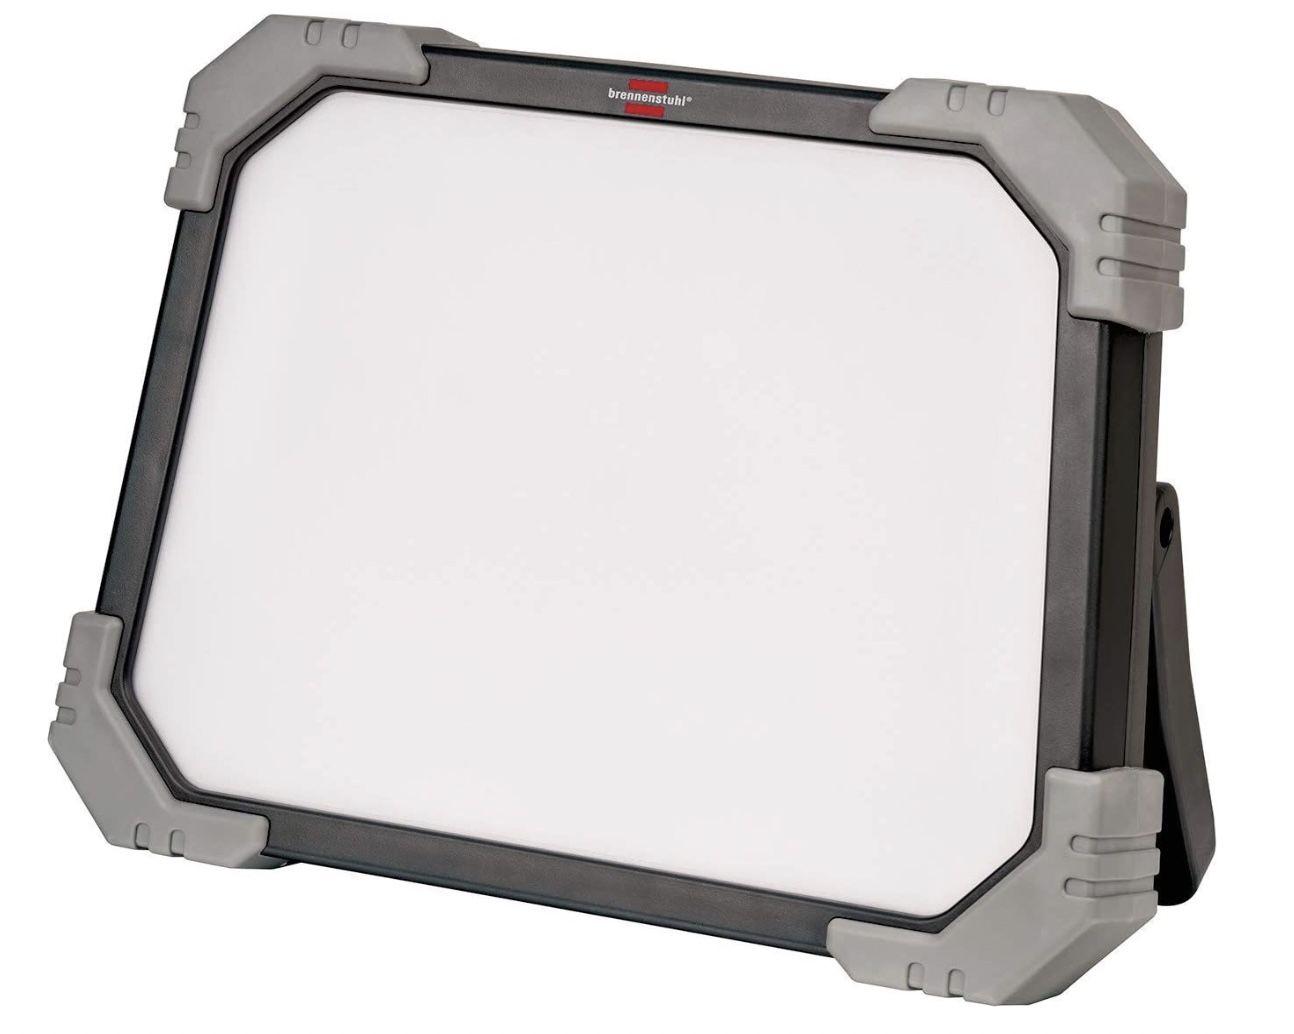 Brennenstuhl DINORA 8000 Mobiler LED Baustrahler für 87,46€ (statt 111€)